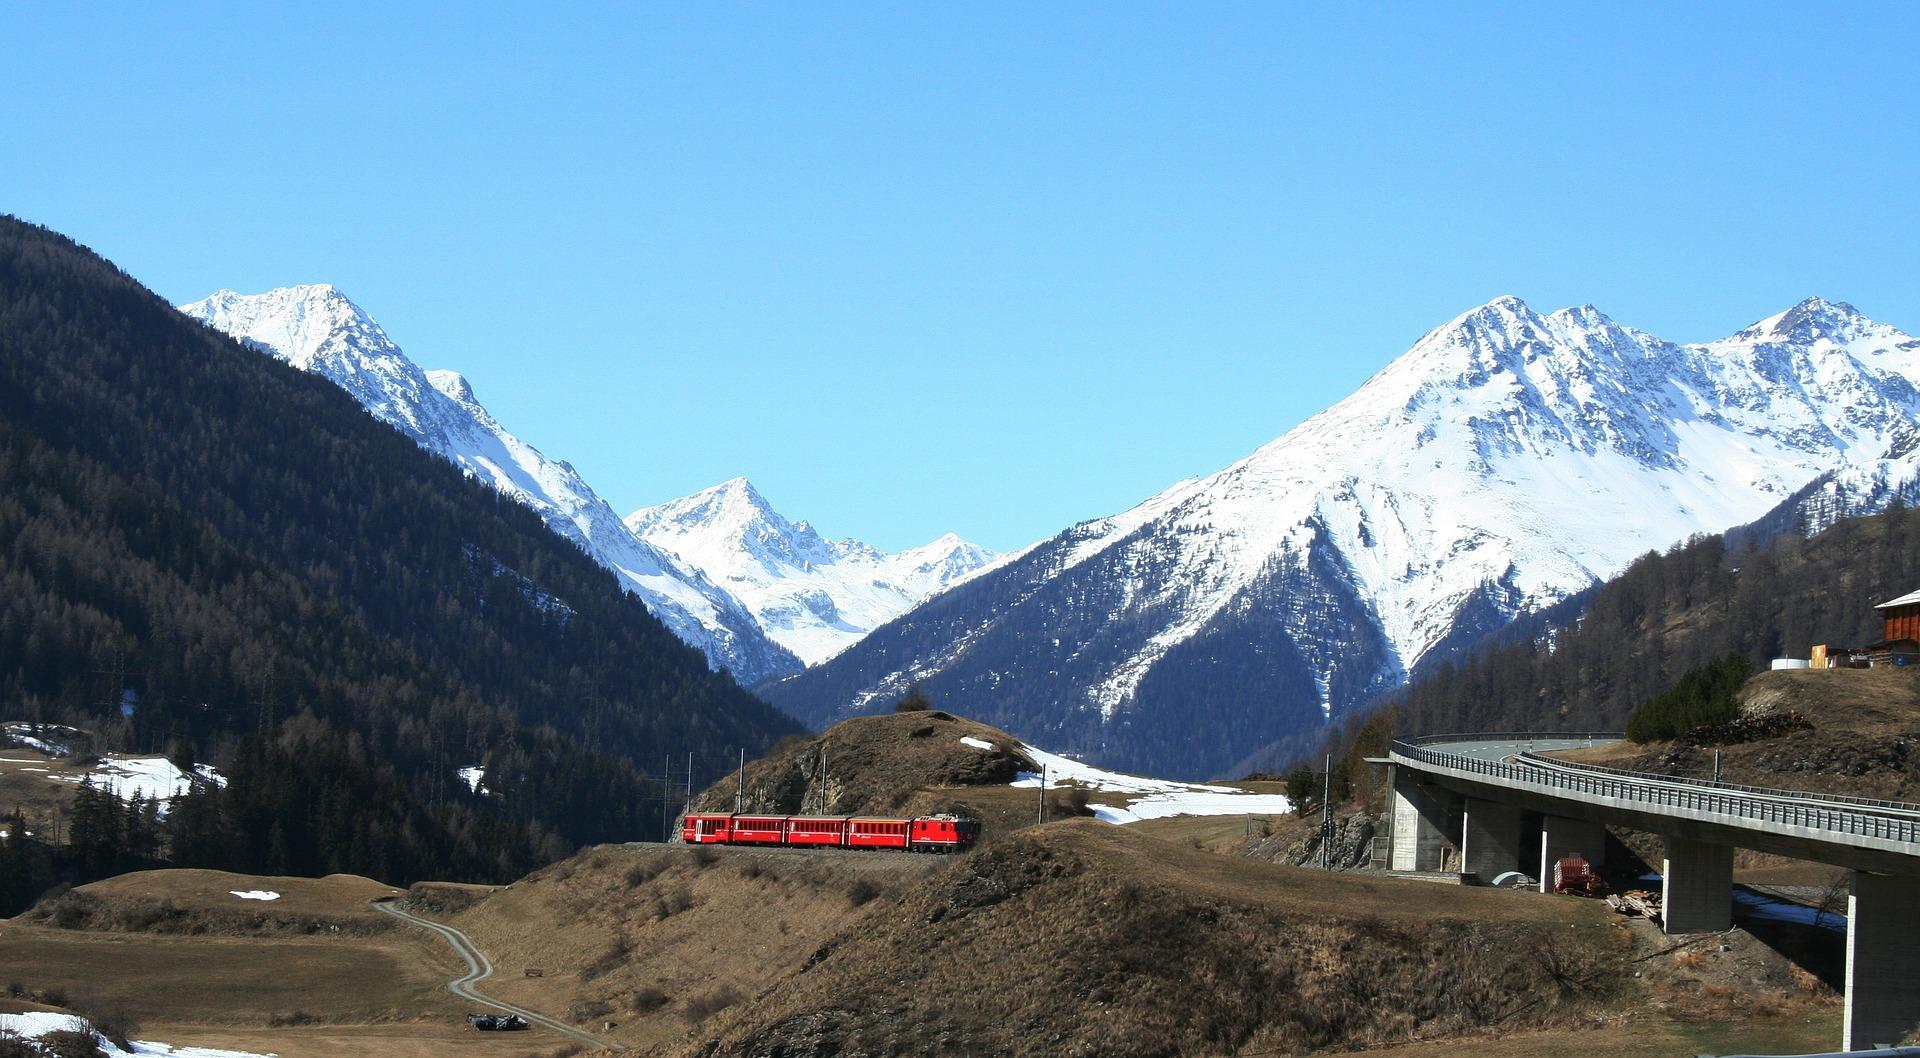 Swiss railways ticket